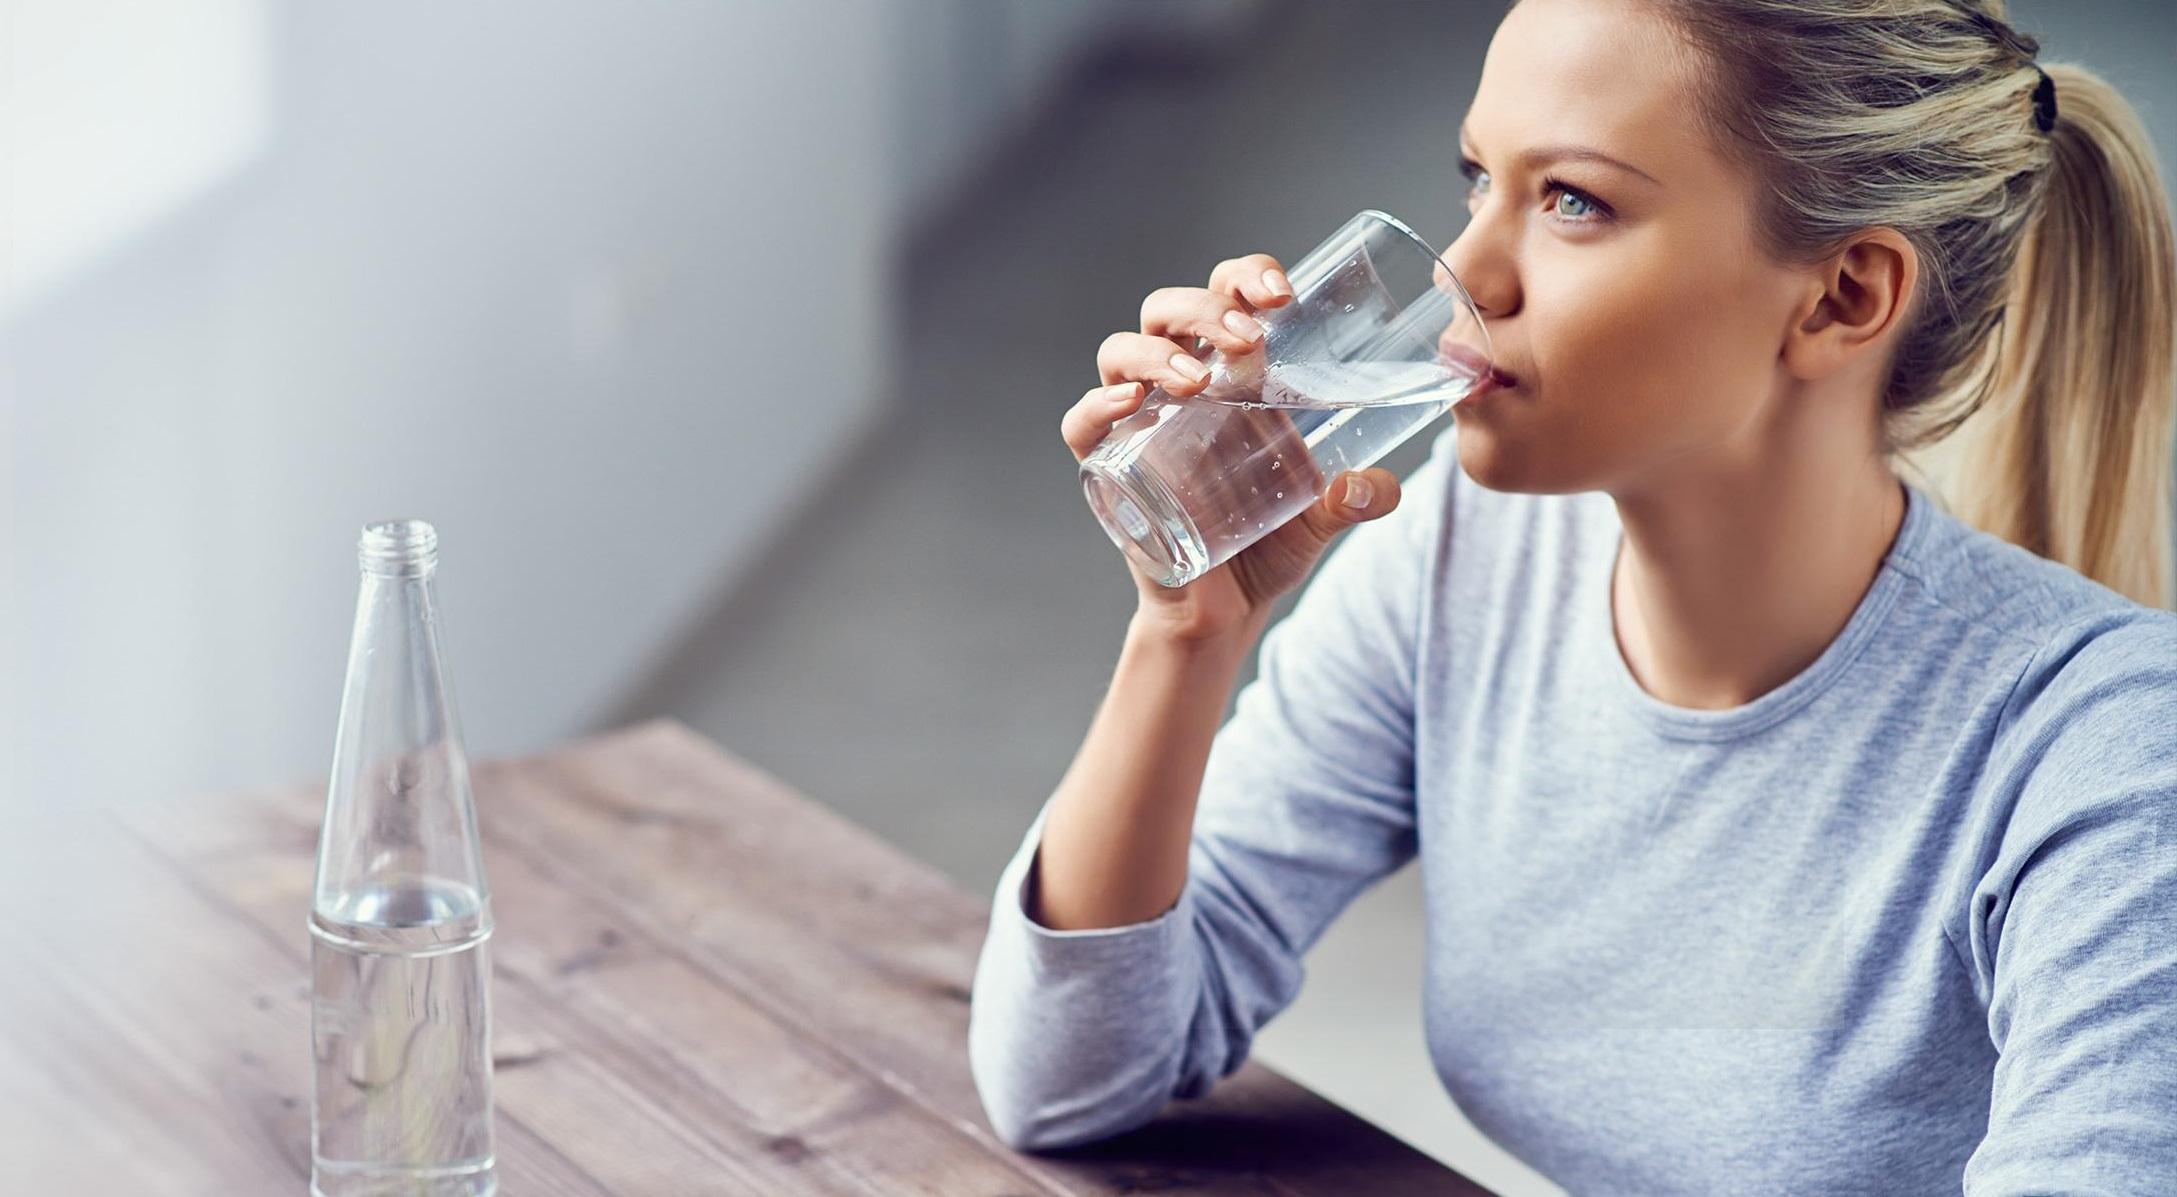 11 câu hỏi thường gặp về uống nước, rất nhiều điều không phải ai cũng biết